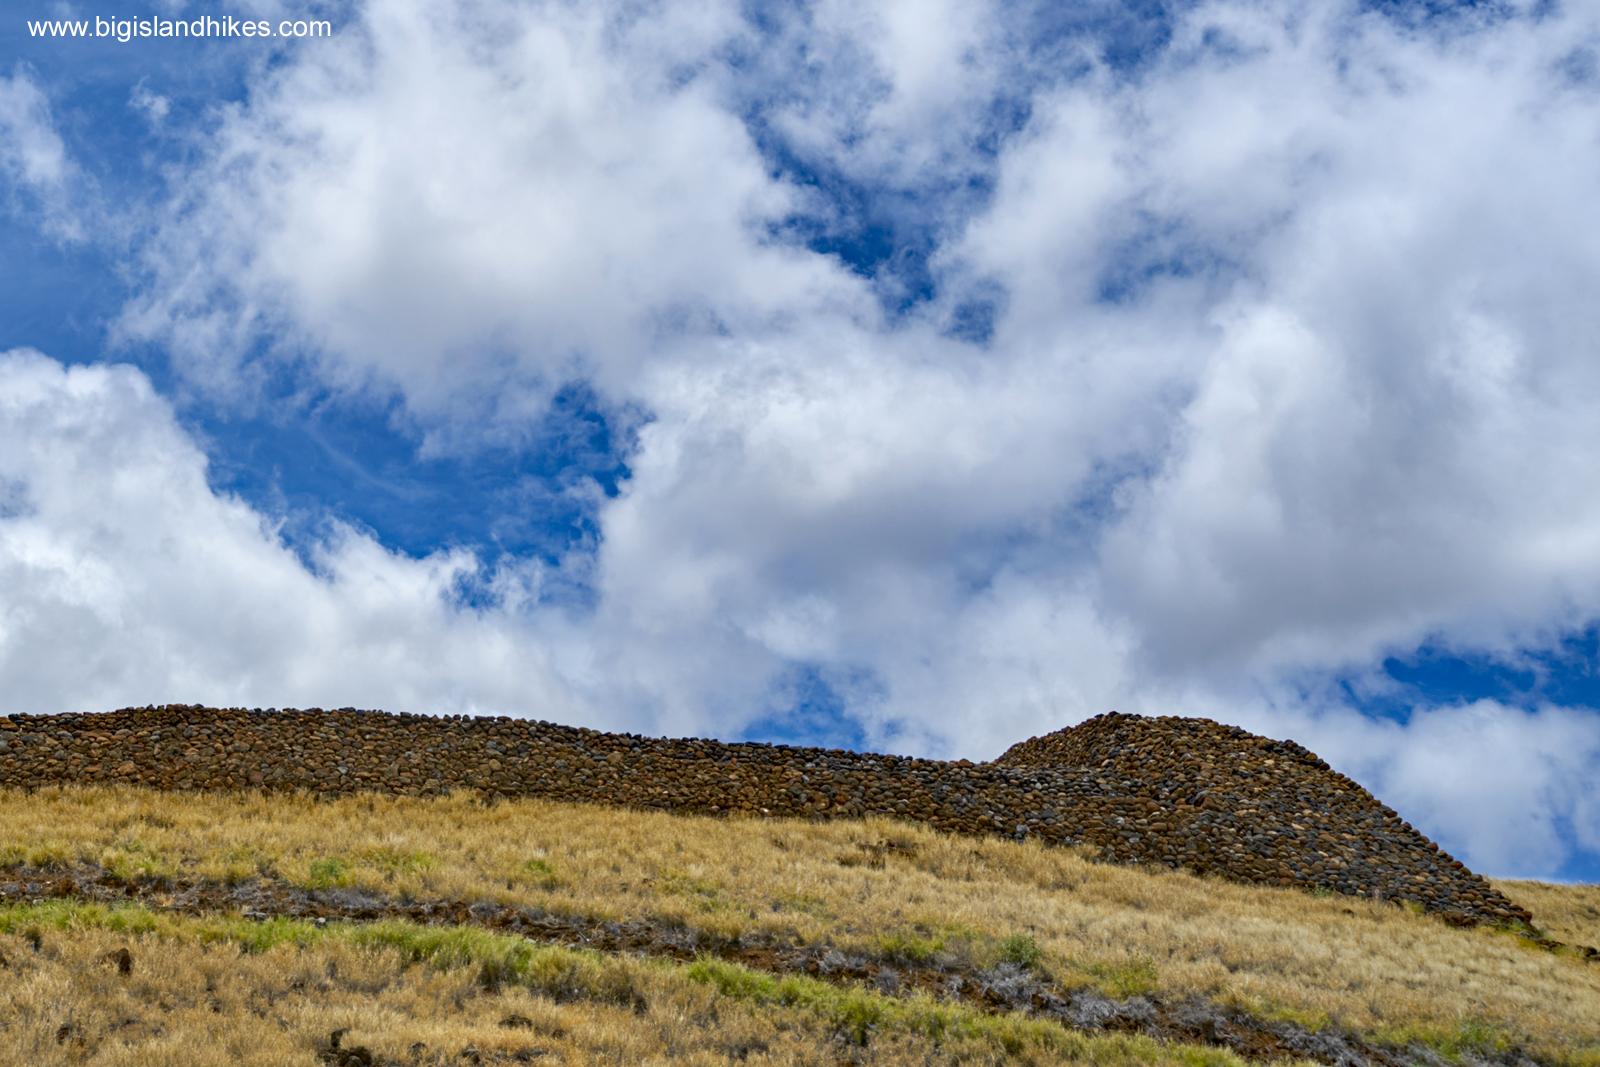 Puʻukoholā Heiau National Historic Site